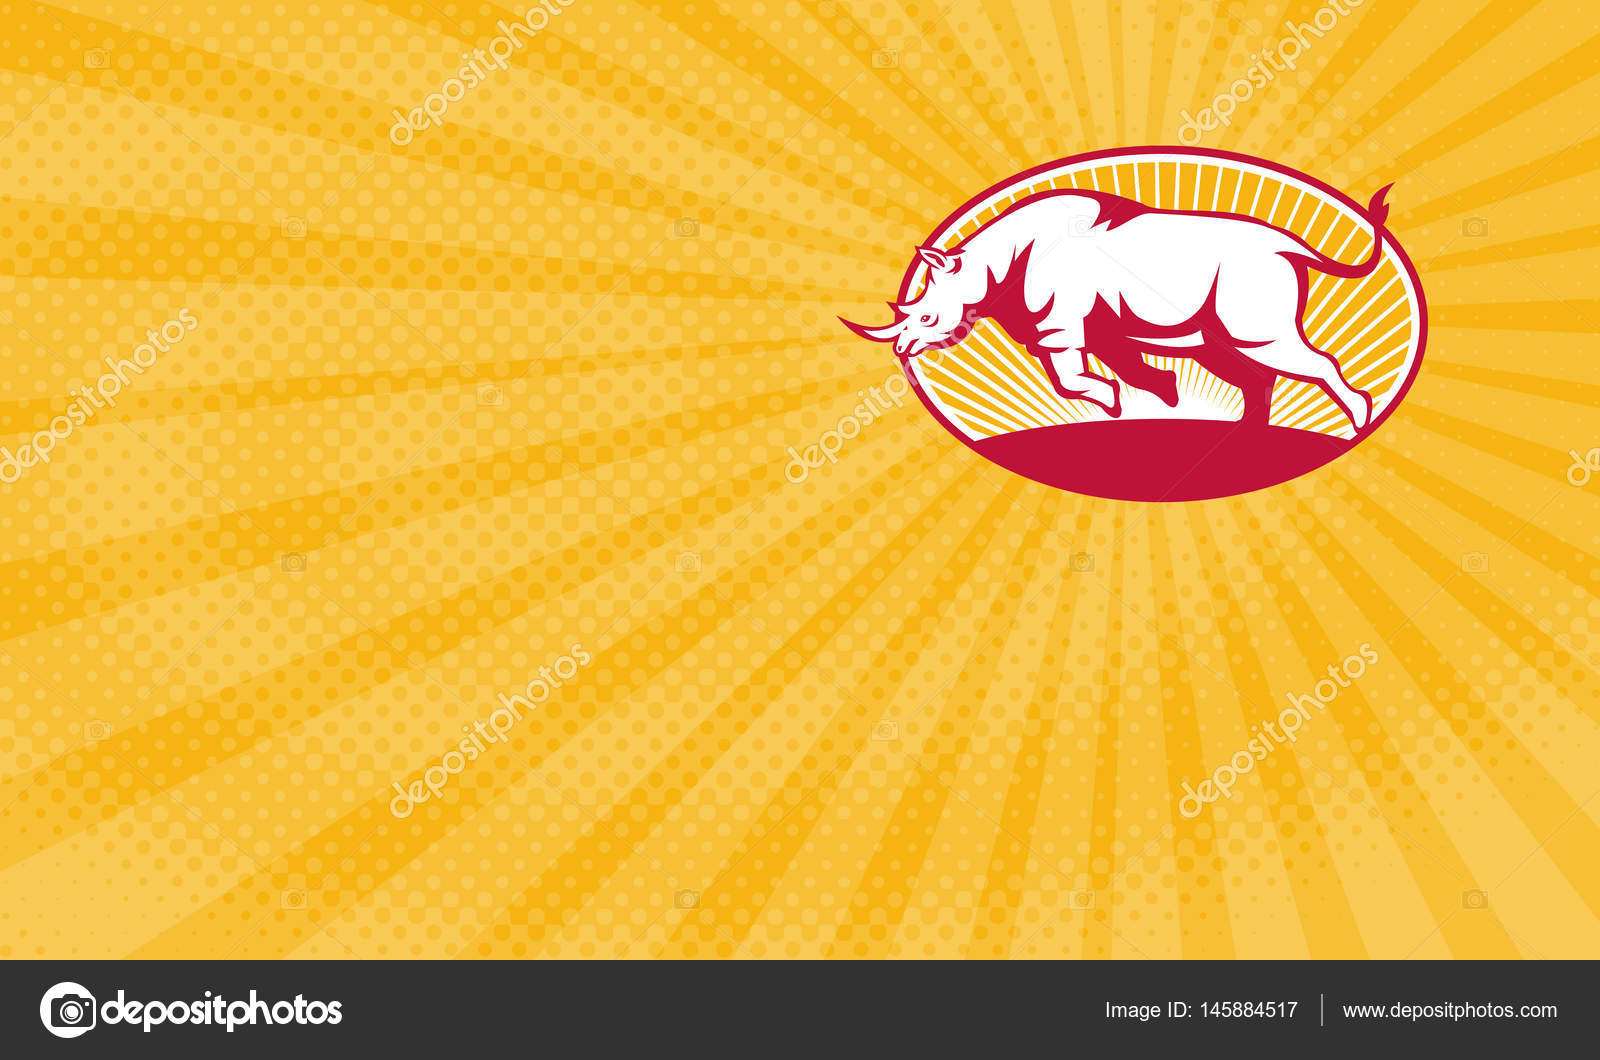 Carte De Visite Montrant LIllustration Dun Rhinoceros Charge Vue Laterale Placee A Linterieur Lovale Fait Dans Un Style Retro Image Patrimonio